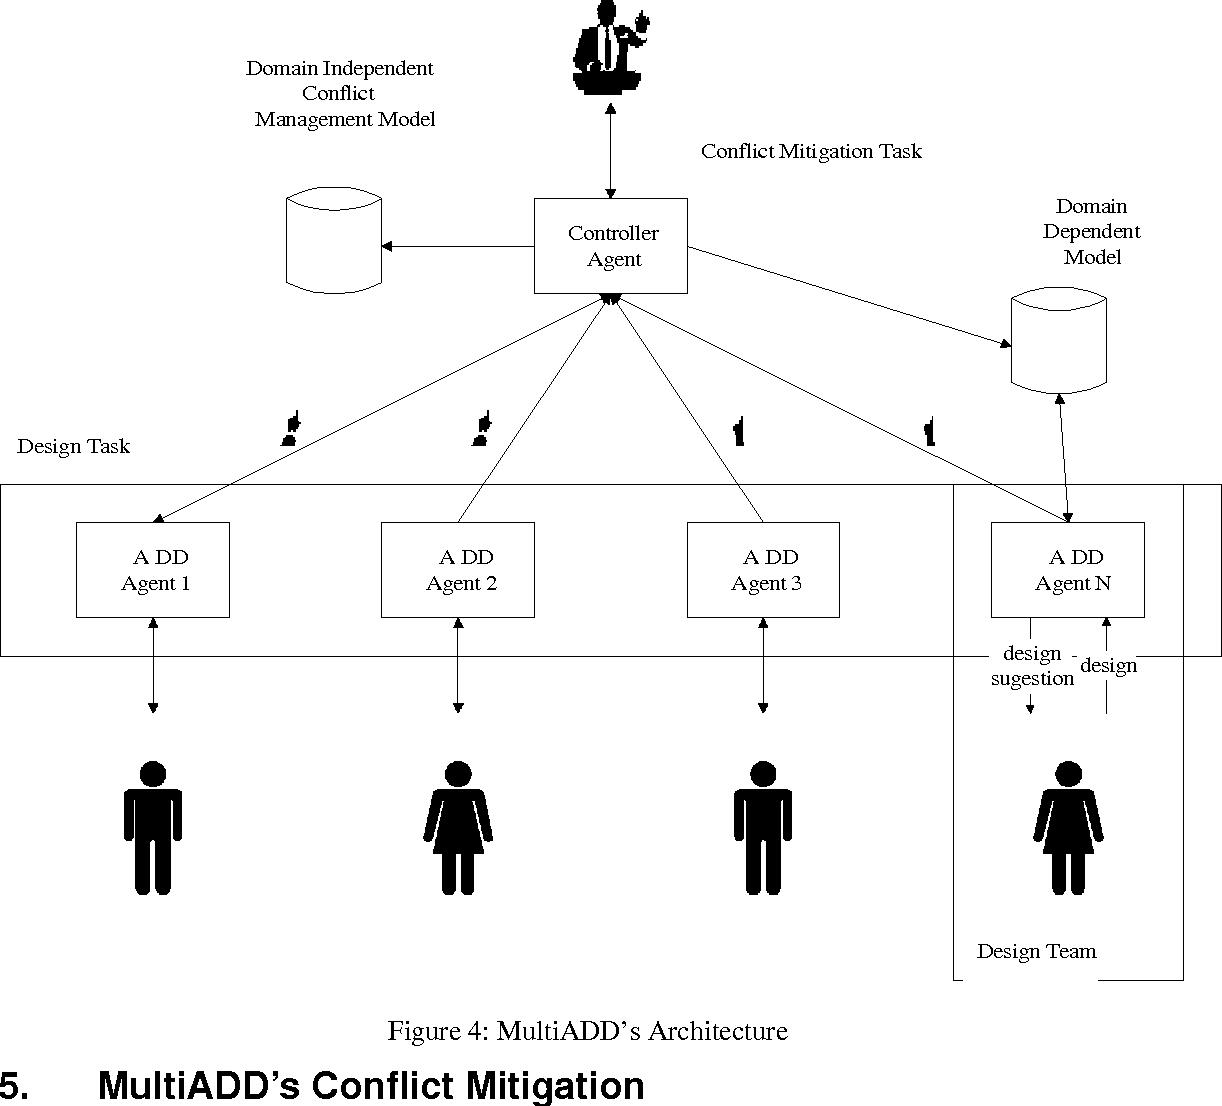 Figure 4: MultiADD's Architecture